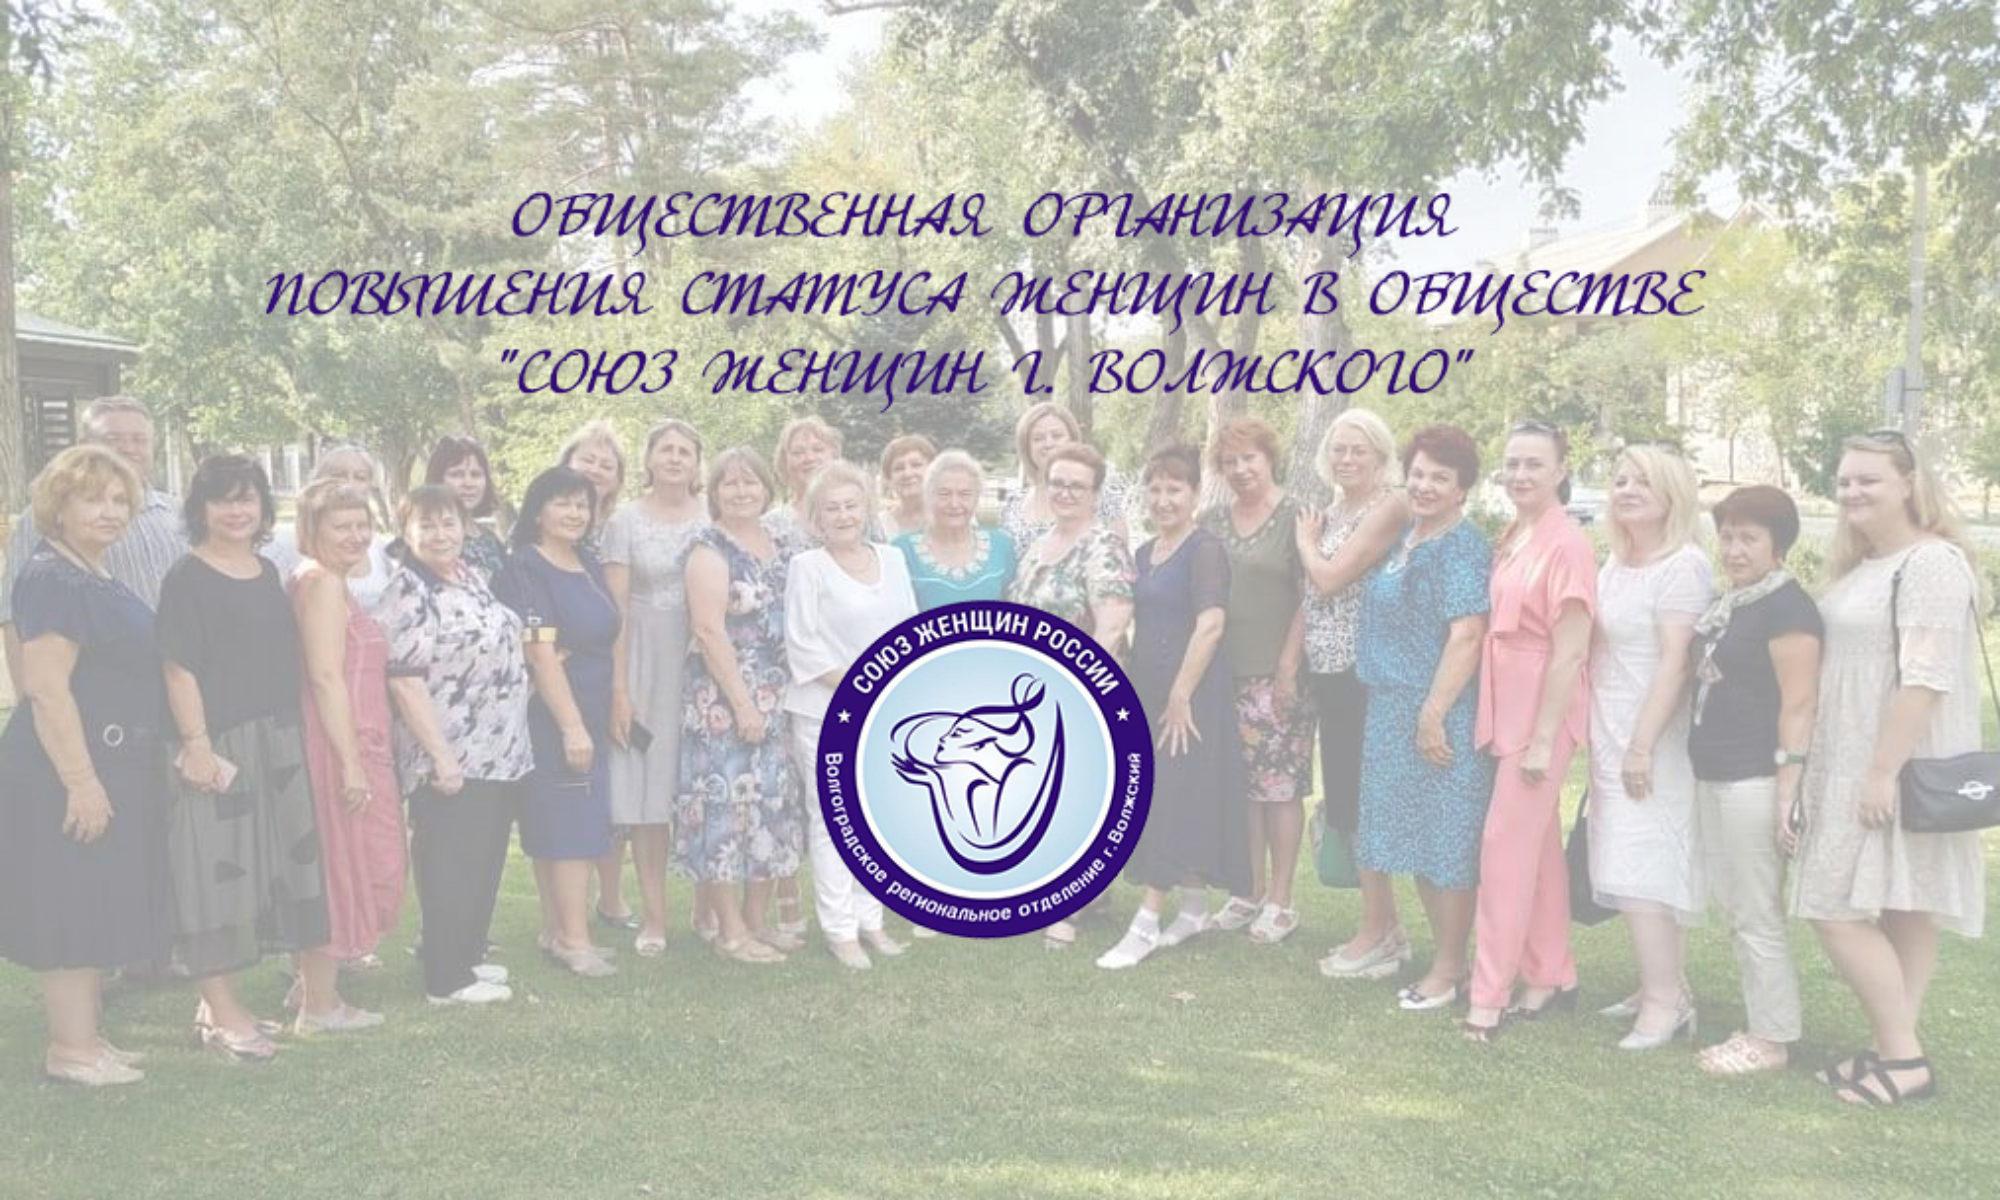 """Общественная  организация повышения статуса женщин в обществе """"Союз женщин г. Волжского"""""""